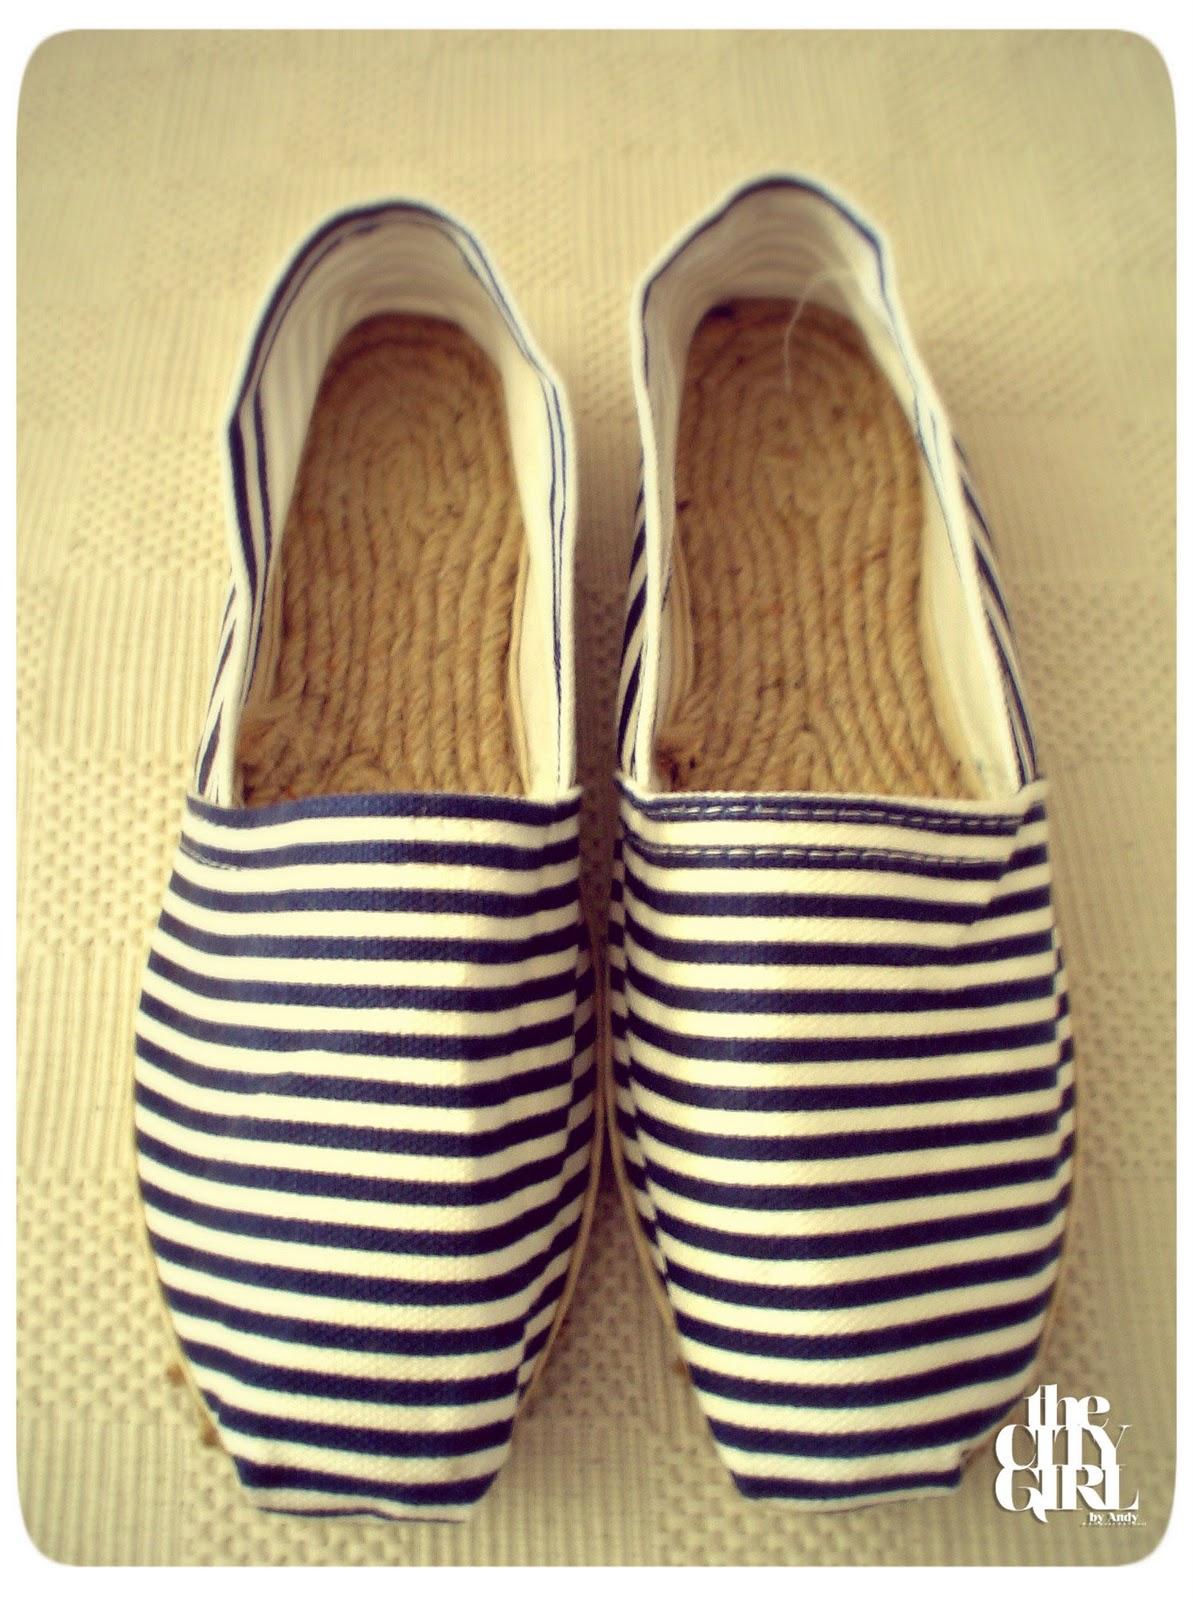 2 semanas que estas alpargatas marineras me hacían ojitos! fanática nº1 de este tipo de zapatos por lo cómodos y fresquitos que son, asi que ya están en